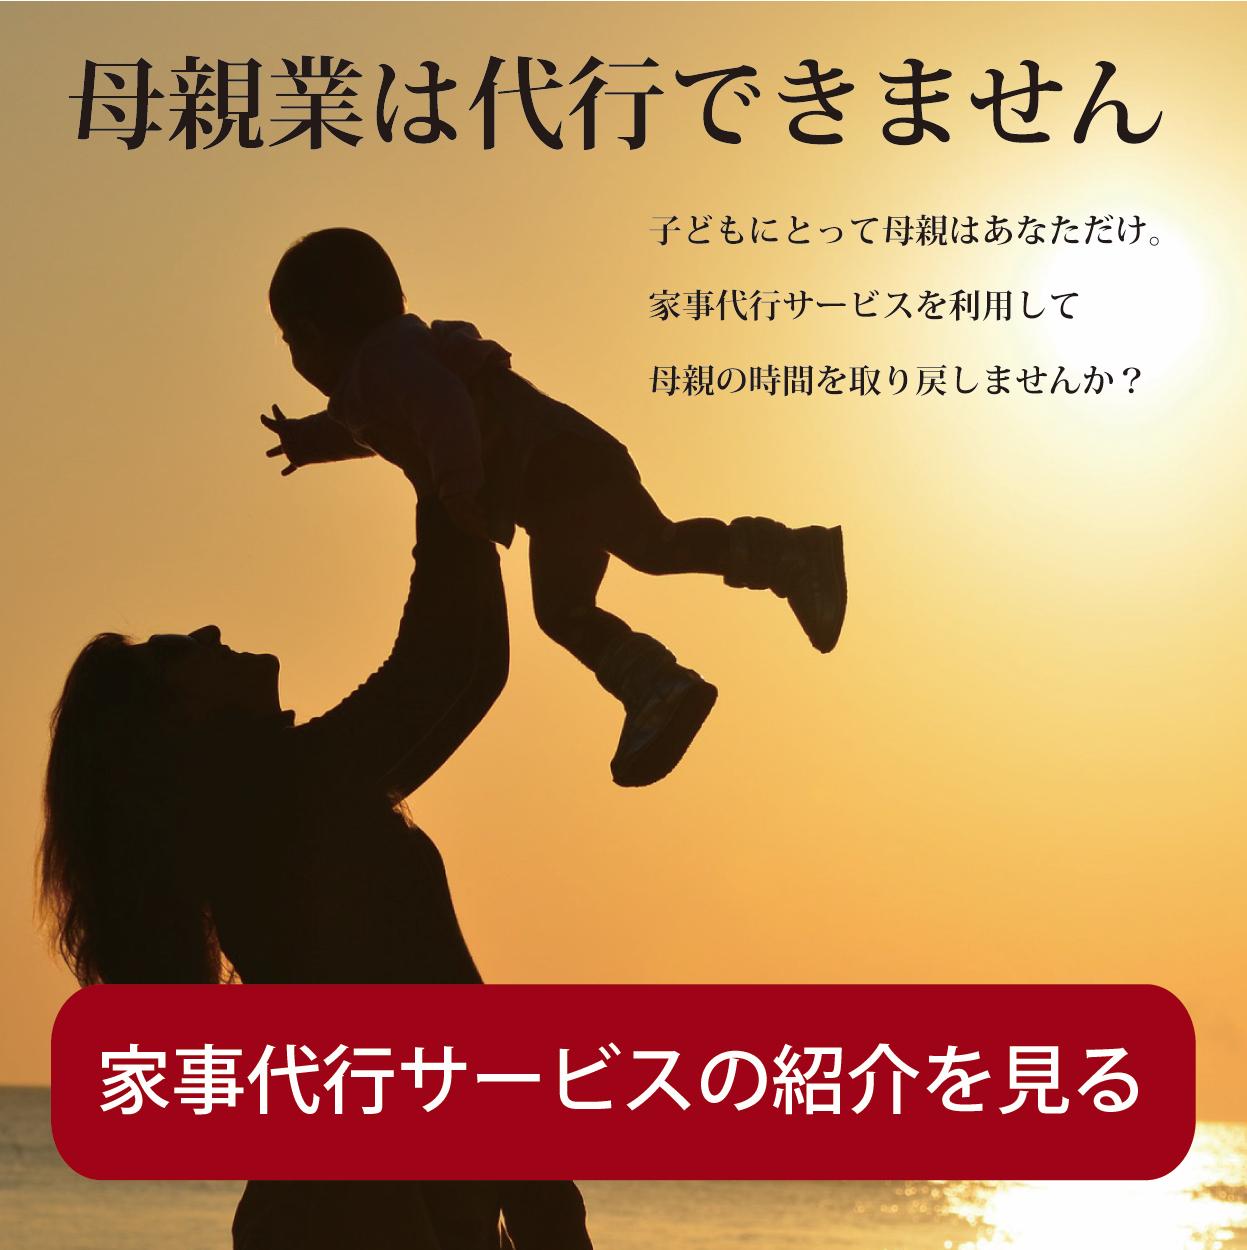 """""""家事代行サービス業者4社紹介"""""""